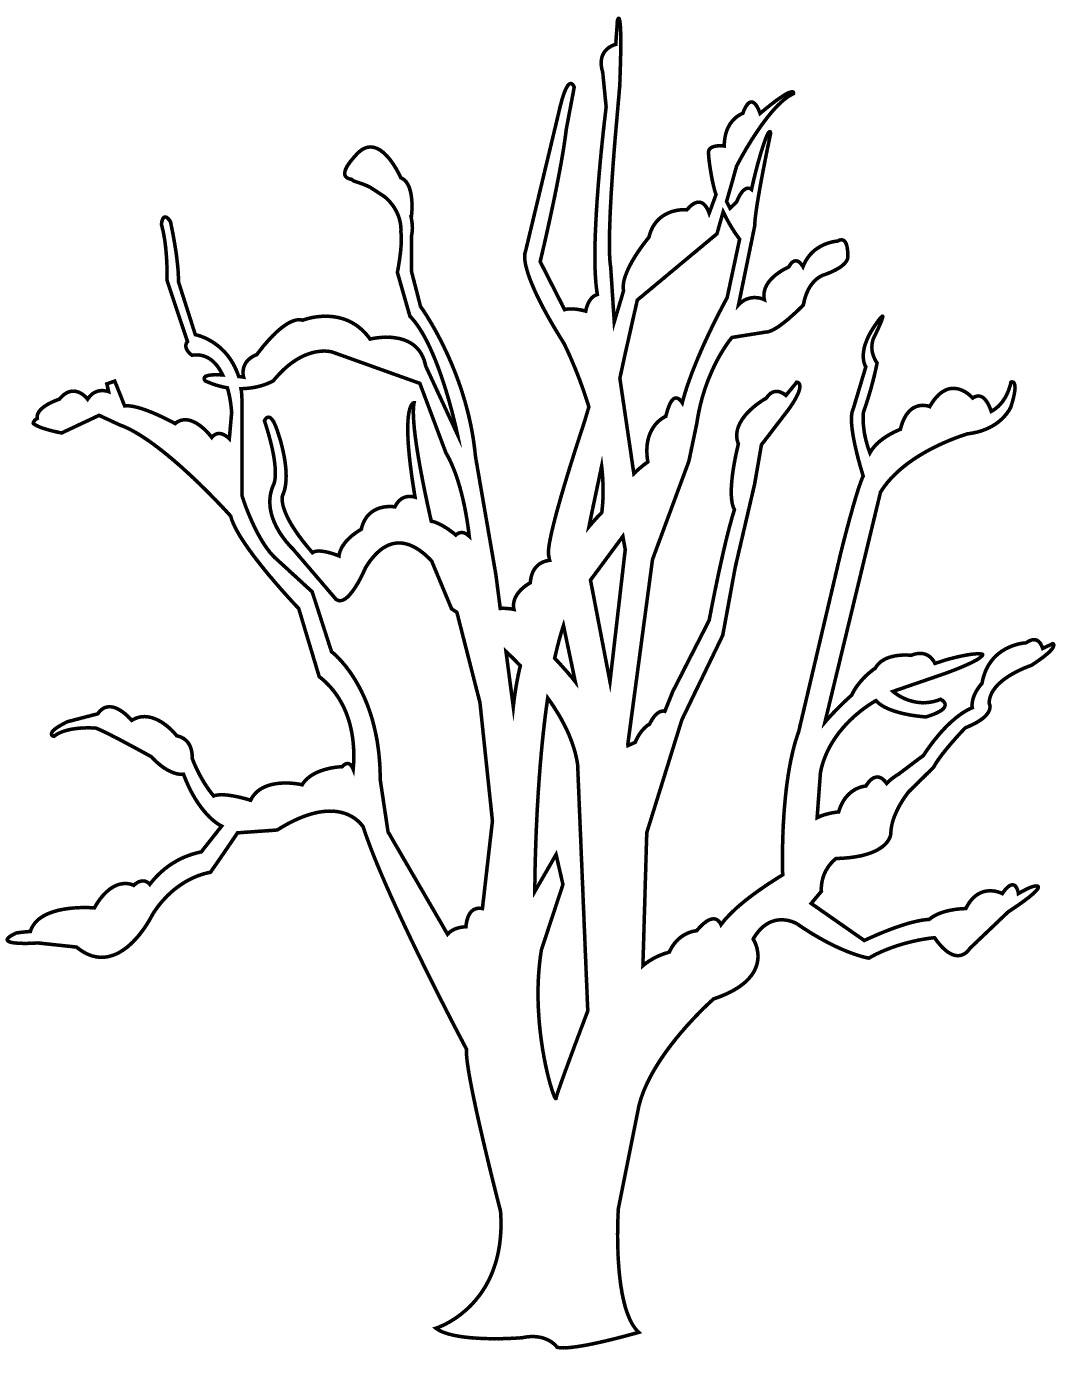 Download Gambar Sketsa Hitam Putih Mewarnai Pohon Terbaru Cari Cabe